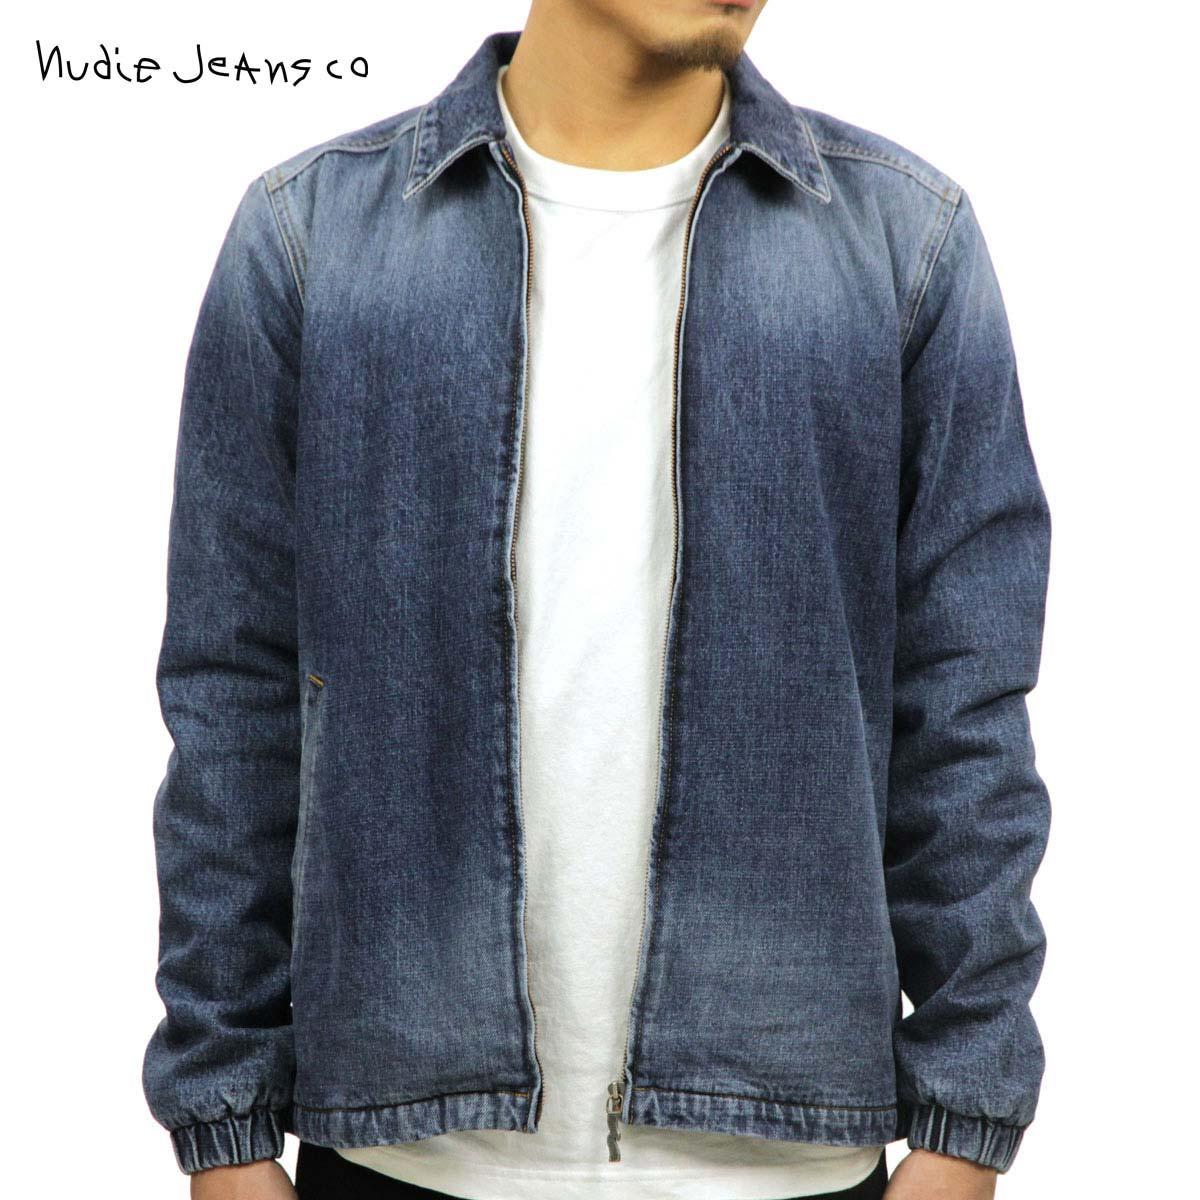 ヌーディージーンズ アウター メンズ 正規販売店 Nudie Jeans ジャケット デニムジャケット TORKEL VINTAGE BLUE DENIM JACKET 160570 B26 DENIM